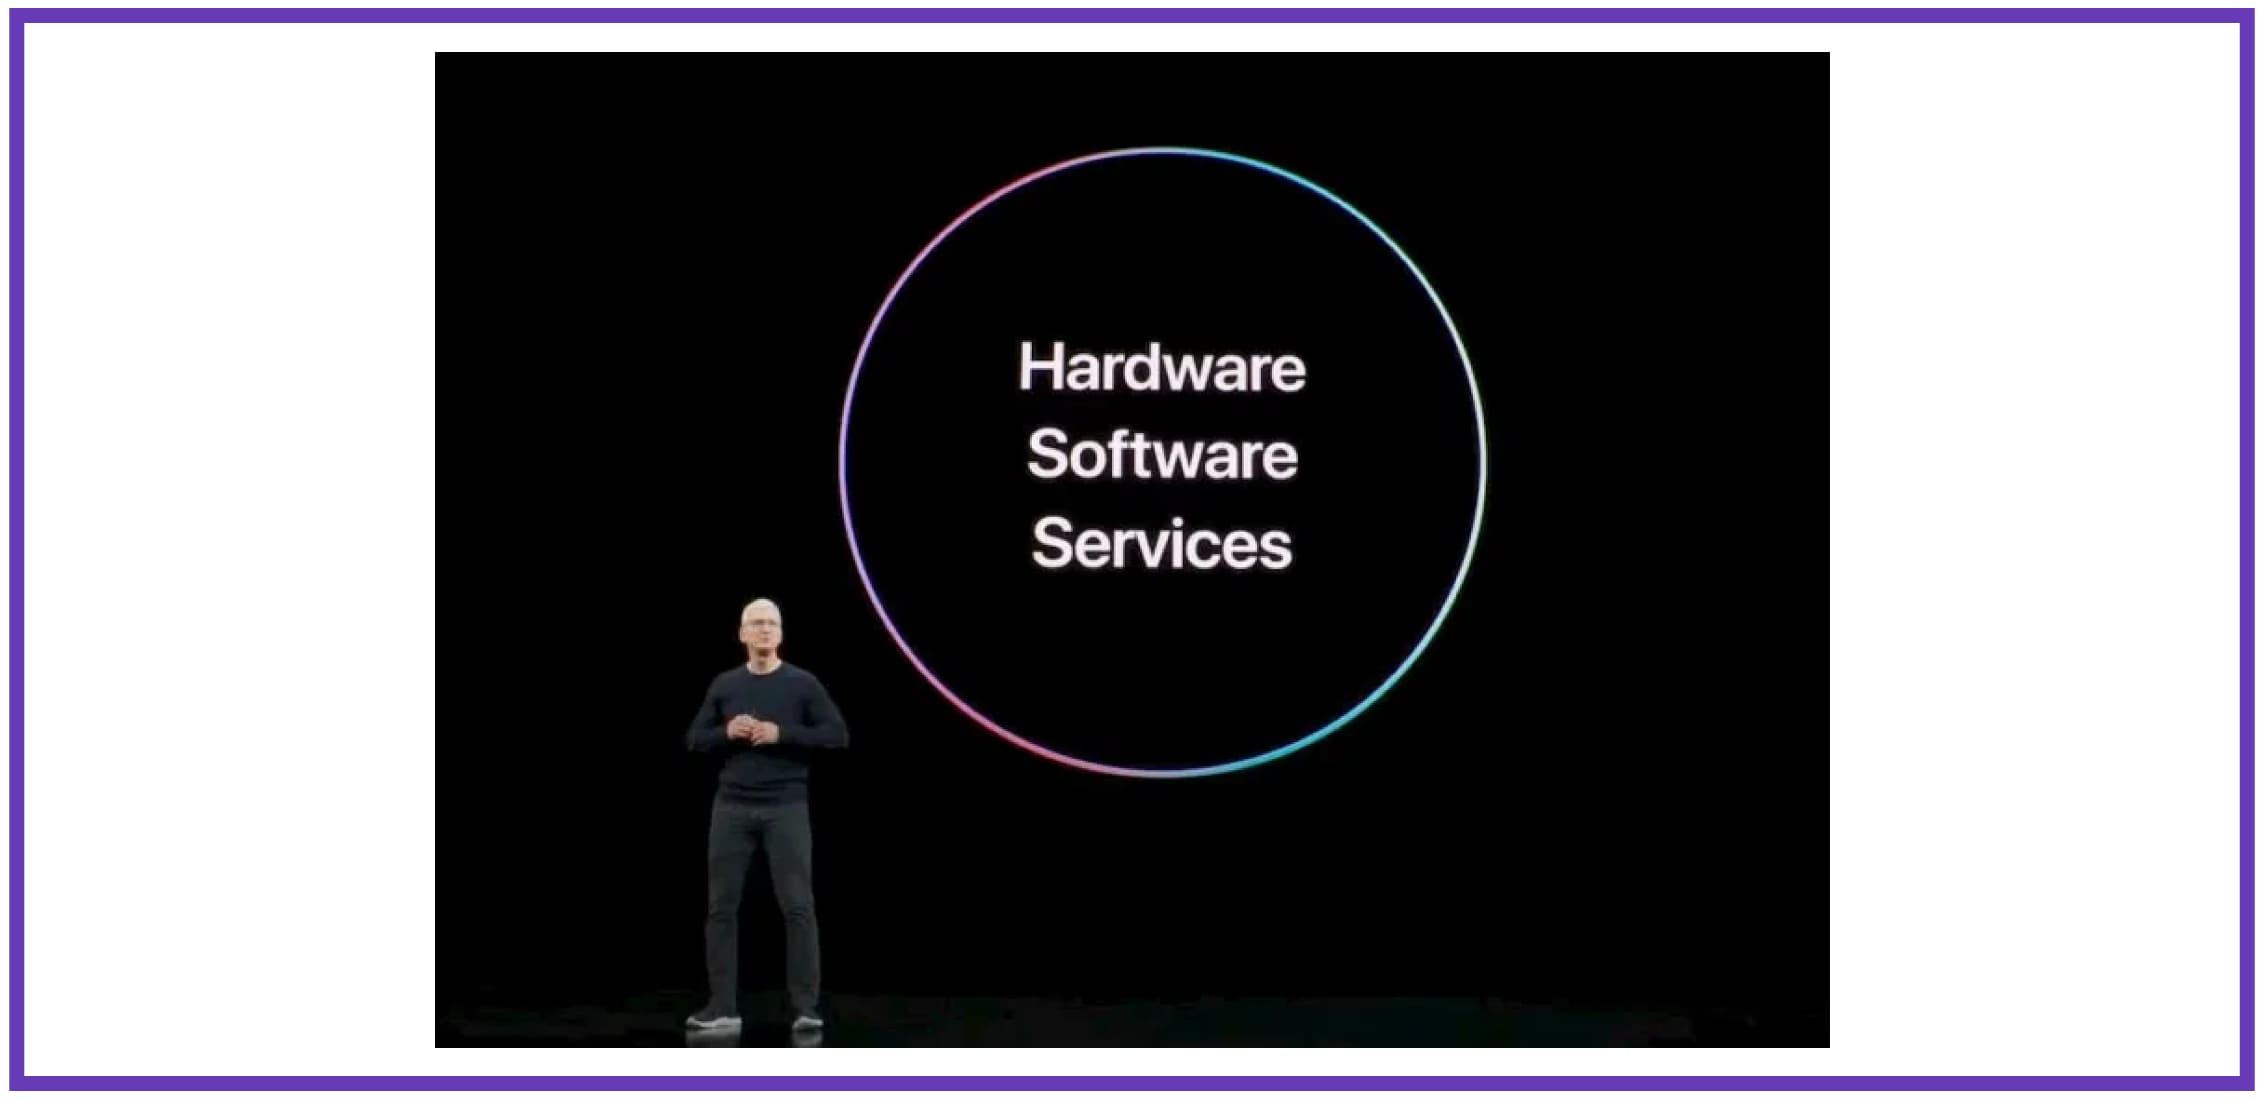 Apple's presentation in 2019.